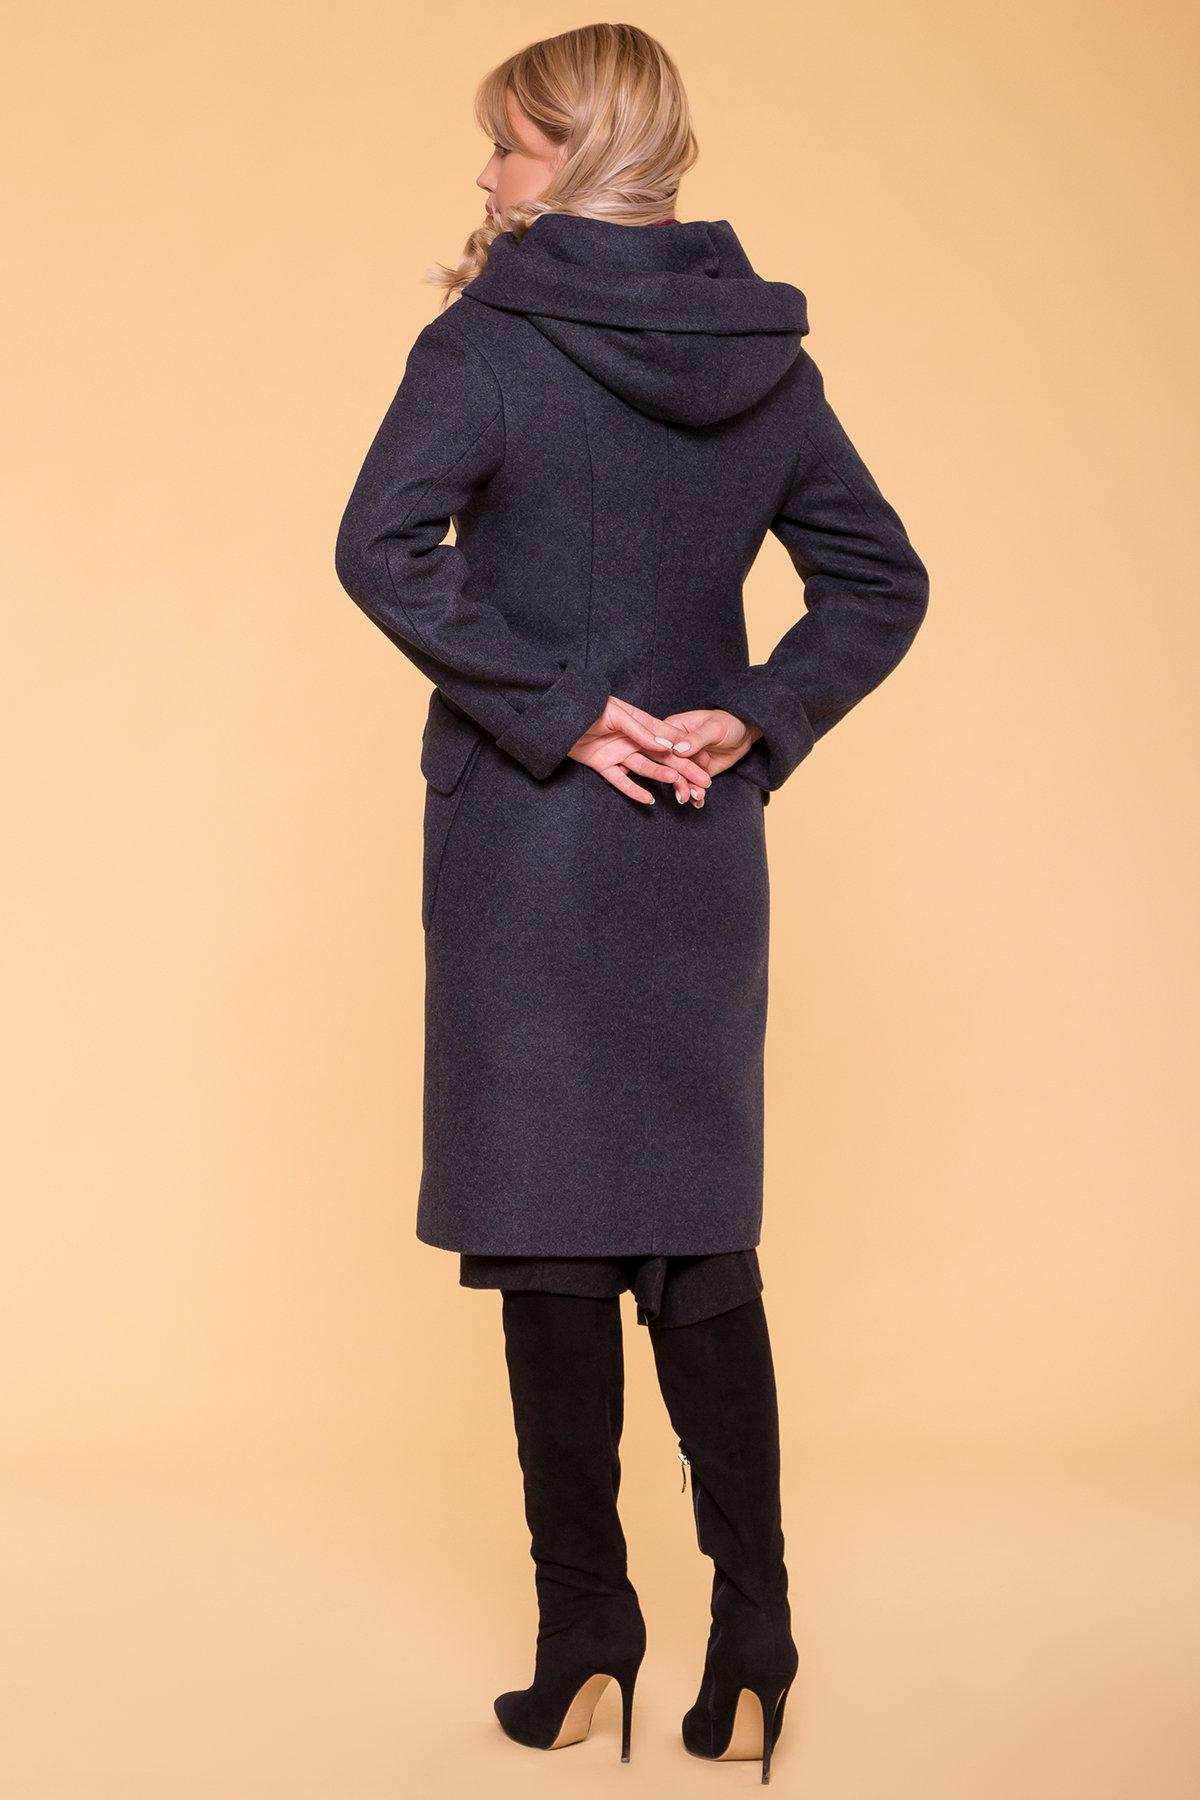 Пальто зима Анджи 5501 АРТ. 37018 Цвет: Синий/Зеленый 72 - фото 2, интернет магазин tm-modus.ru